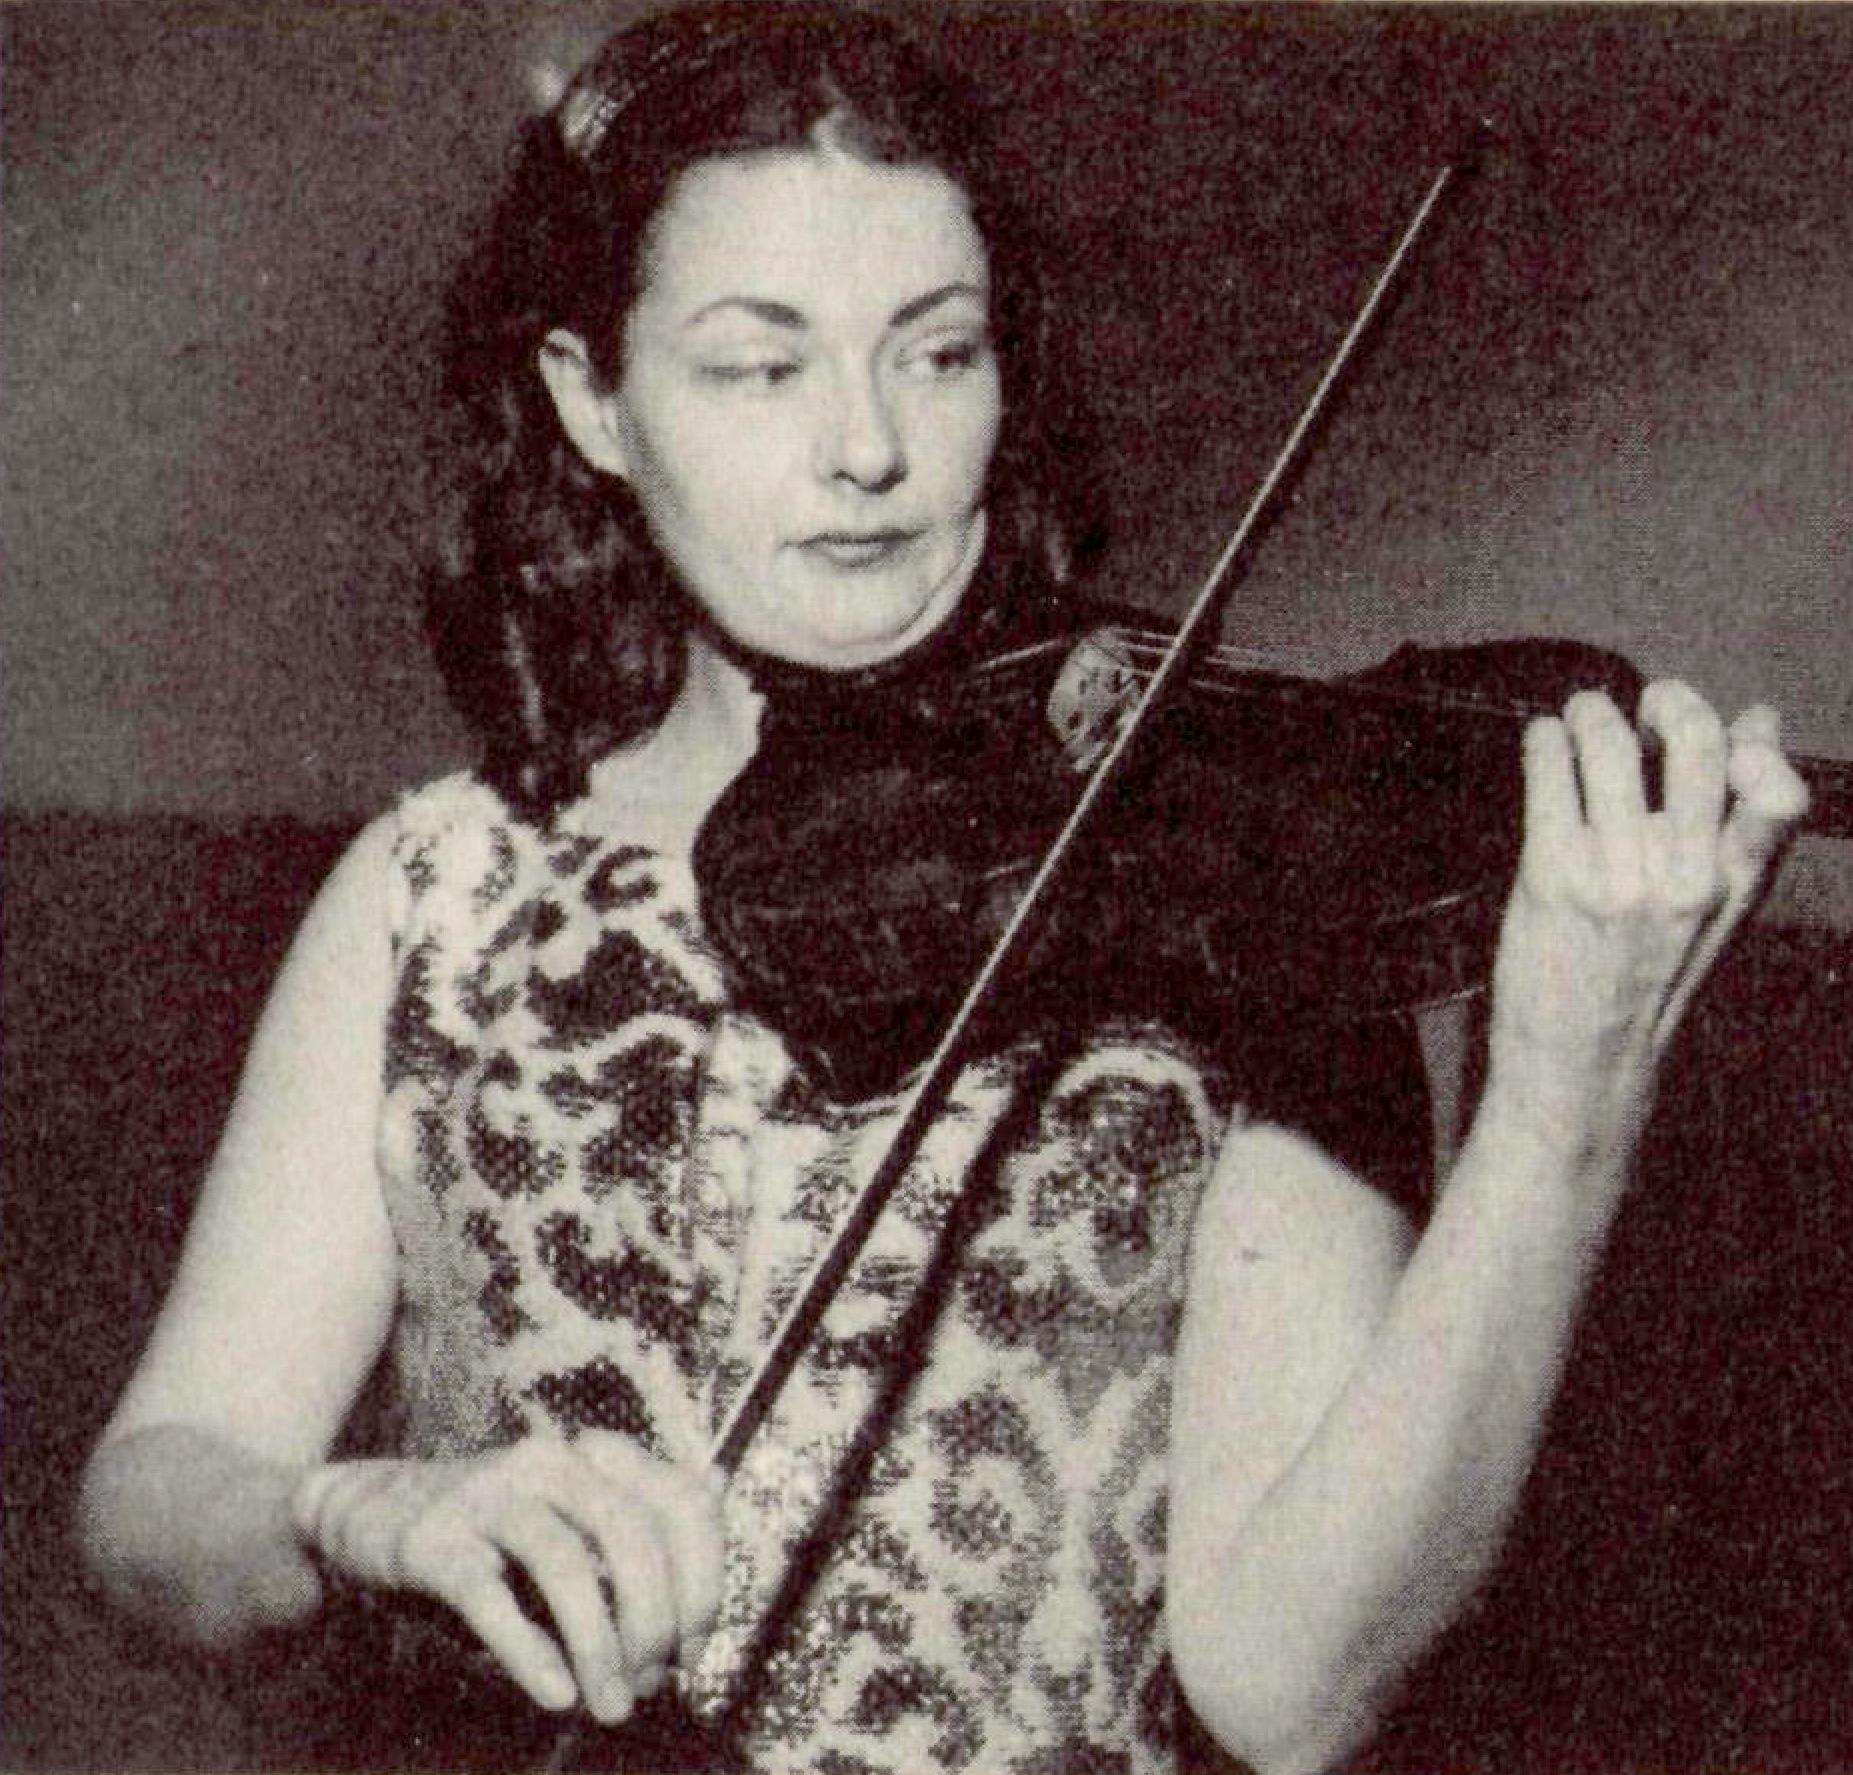 Jenny ABEL, D.R., une photo publiée dans la revue FonoForum en octobre 1980, cliquer pour une vue agrandie et plus d'infos